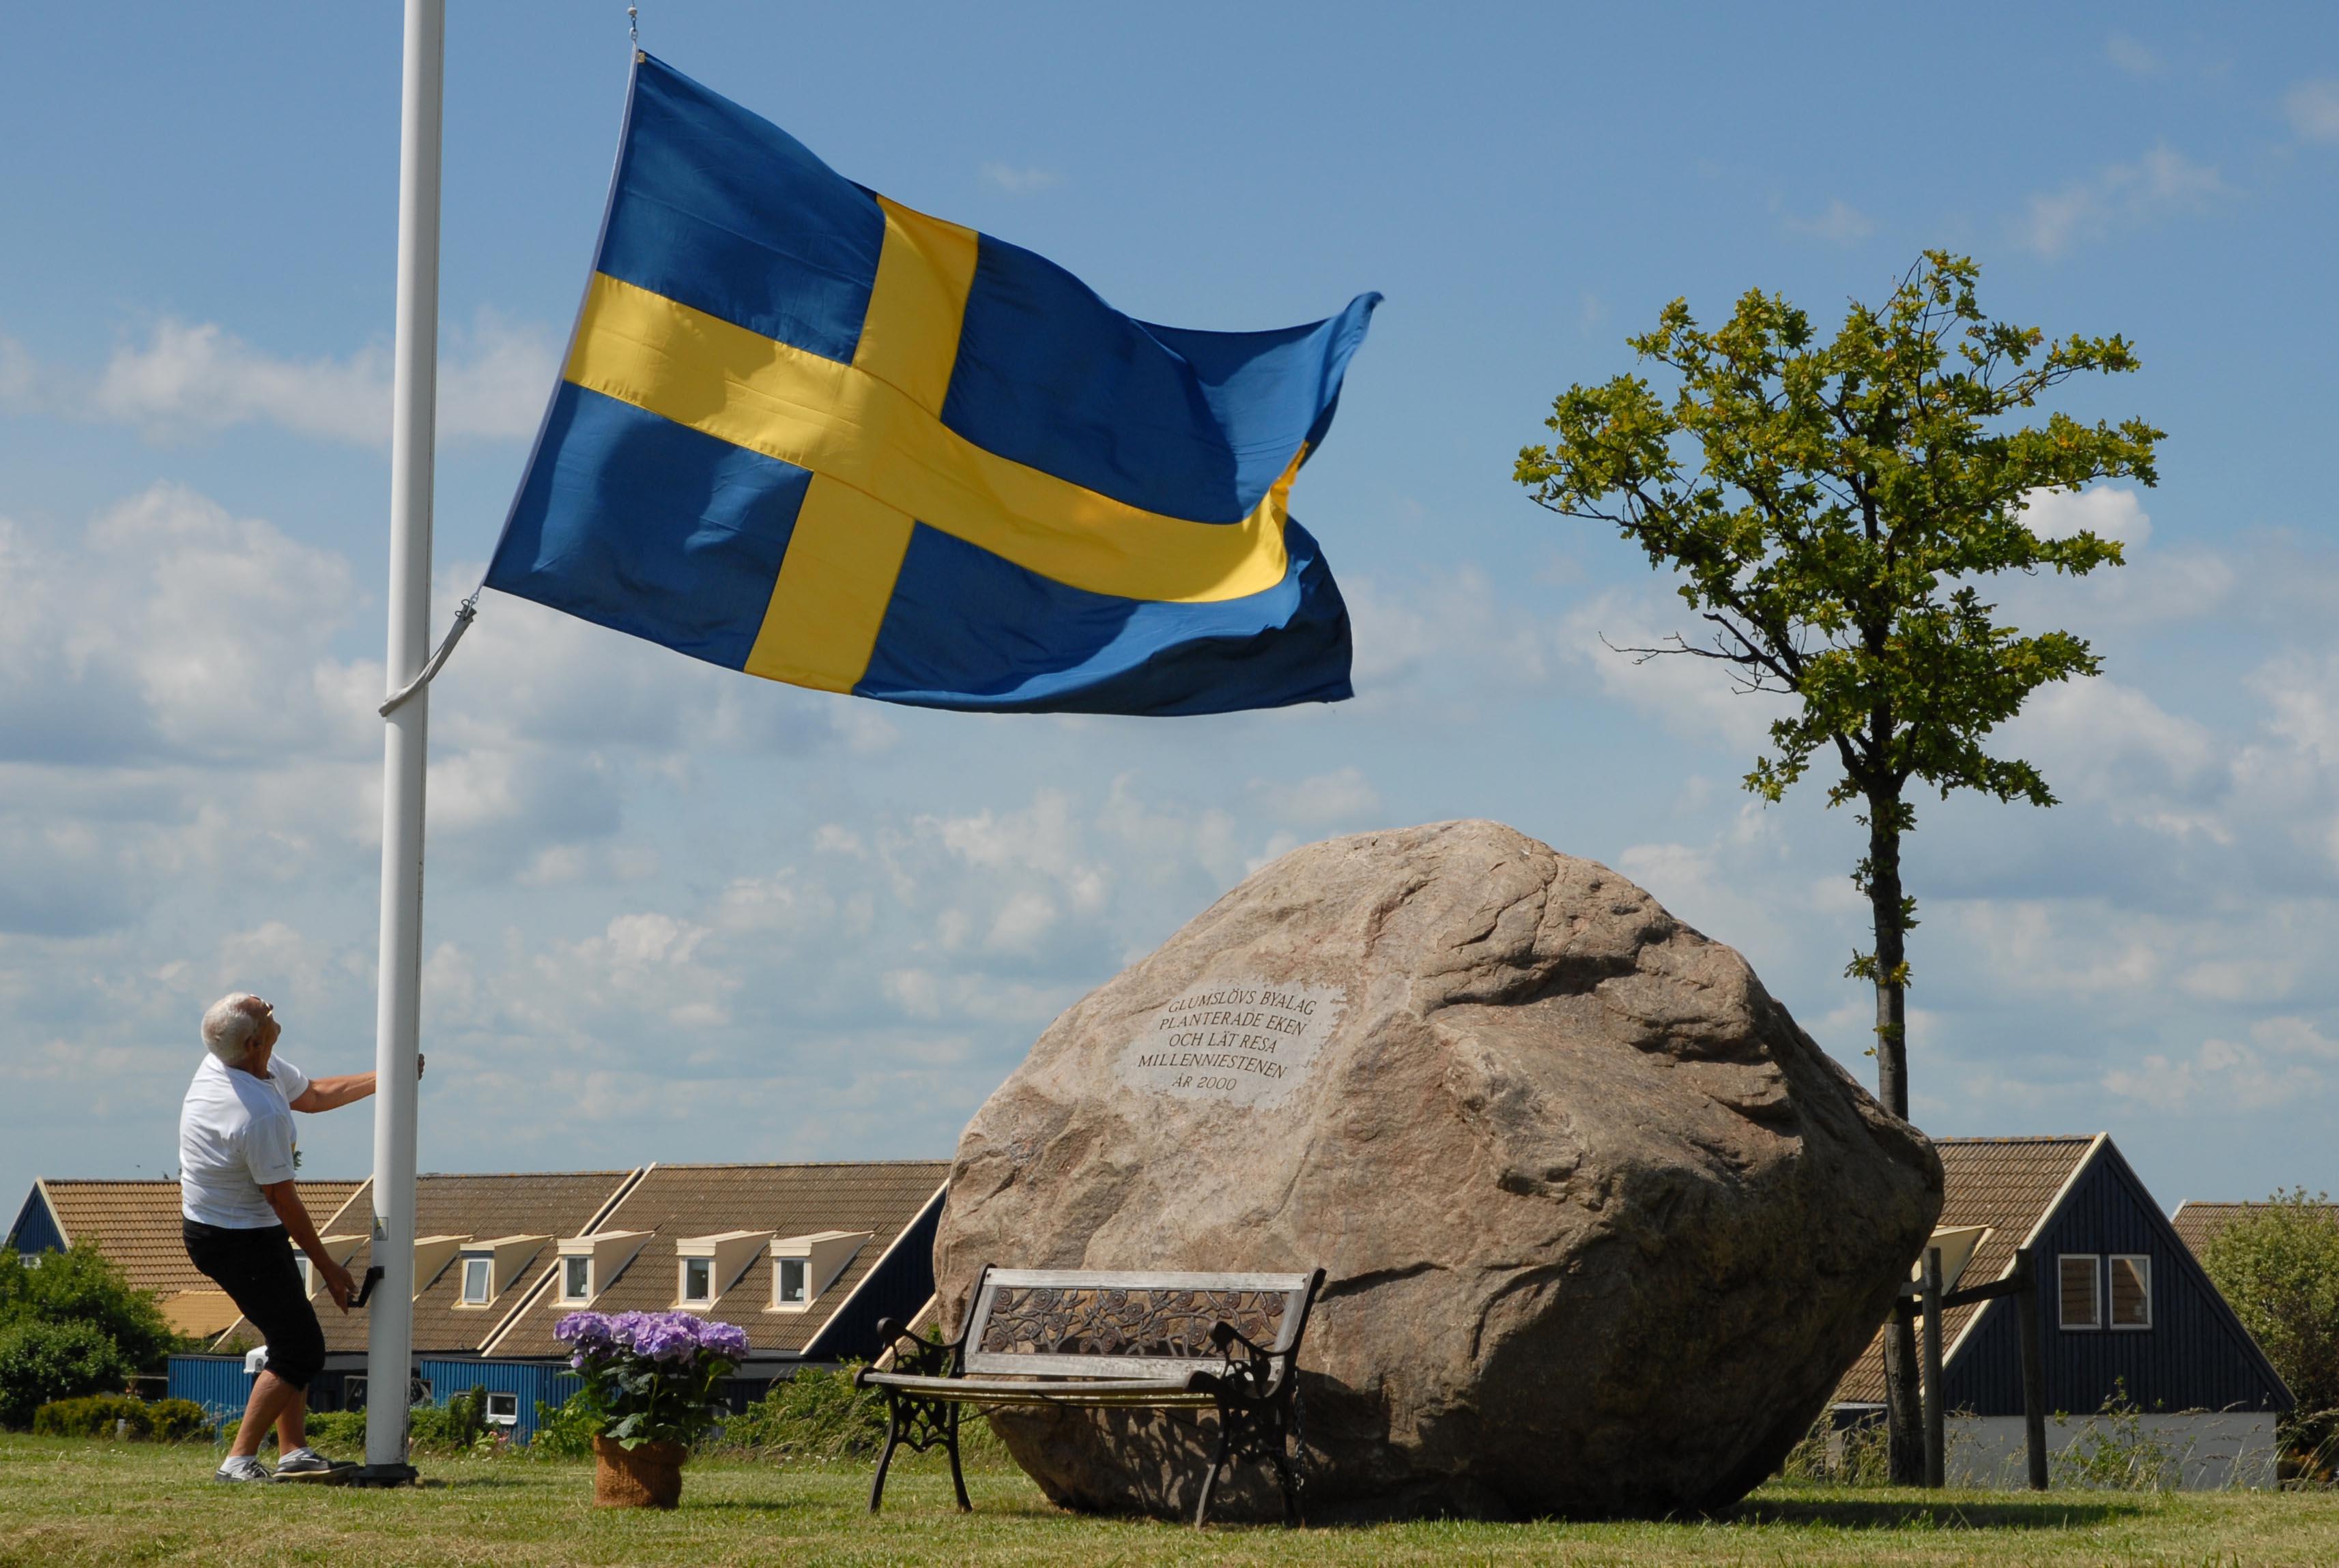 Den 13/7 kl.11 invigs Glumslövs skylten 1200 år